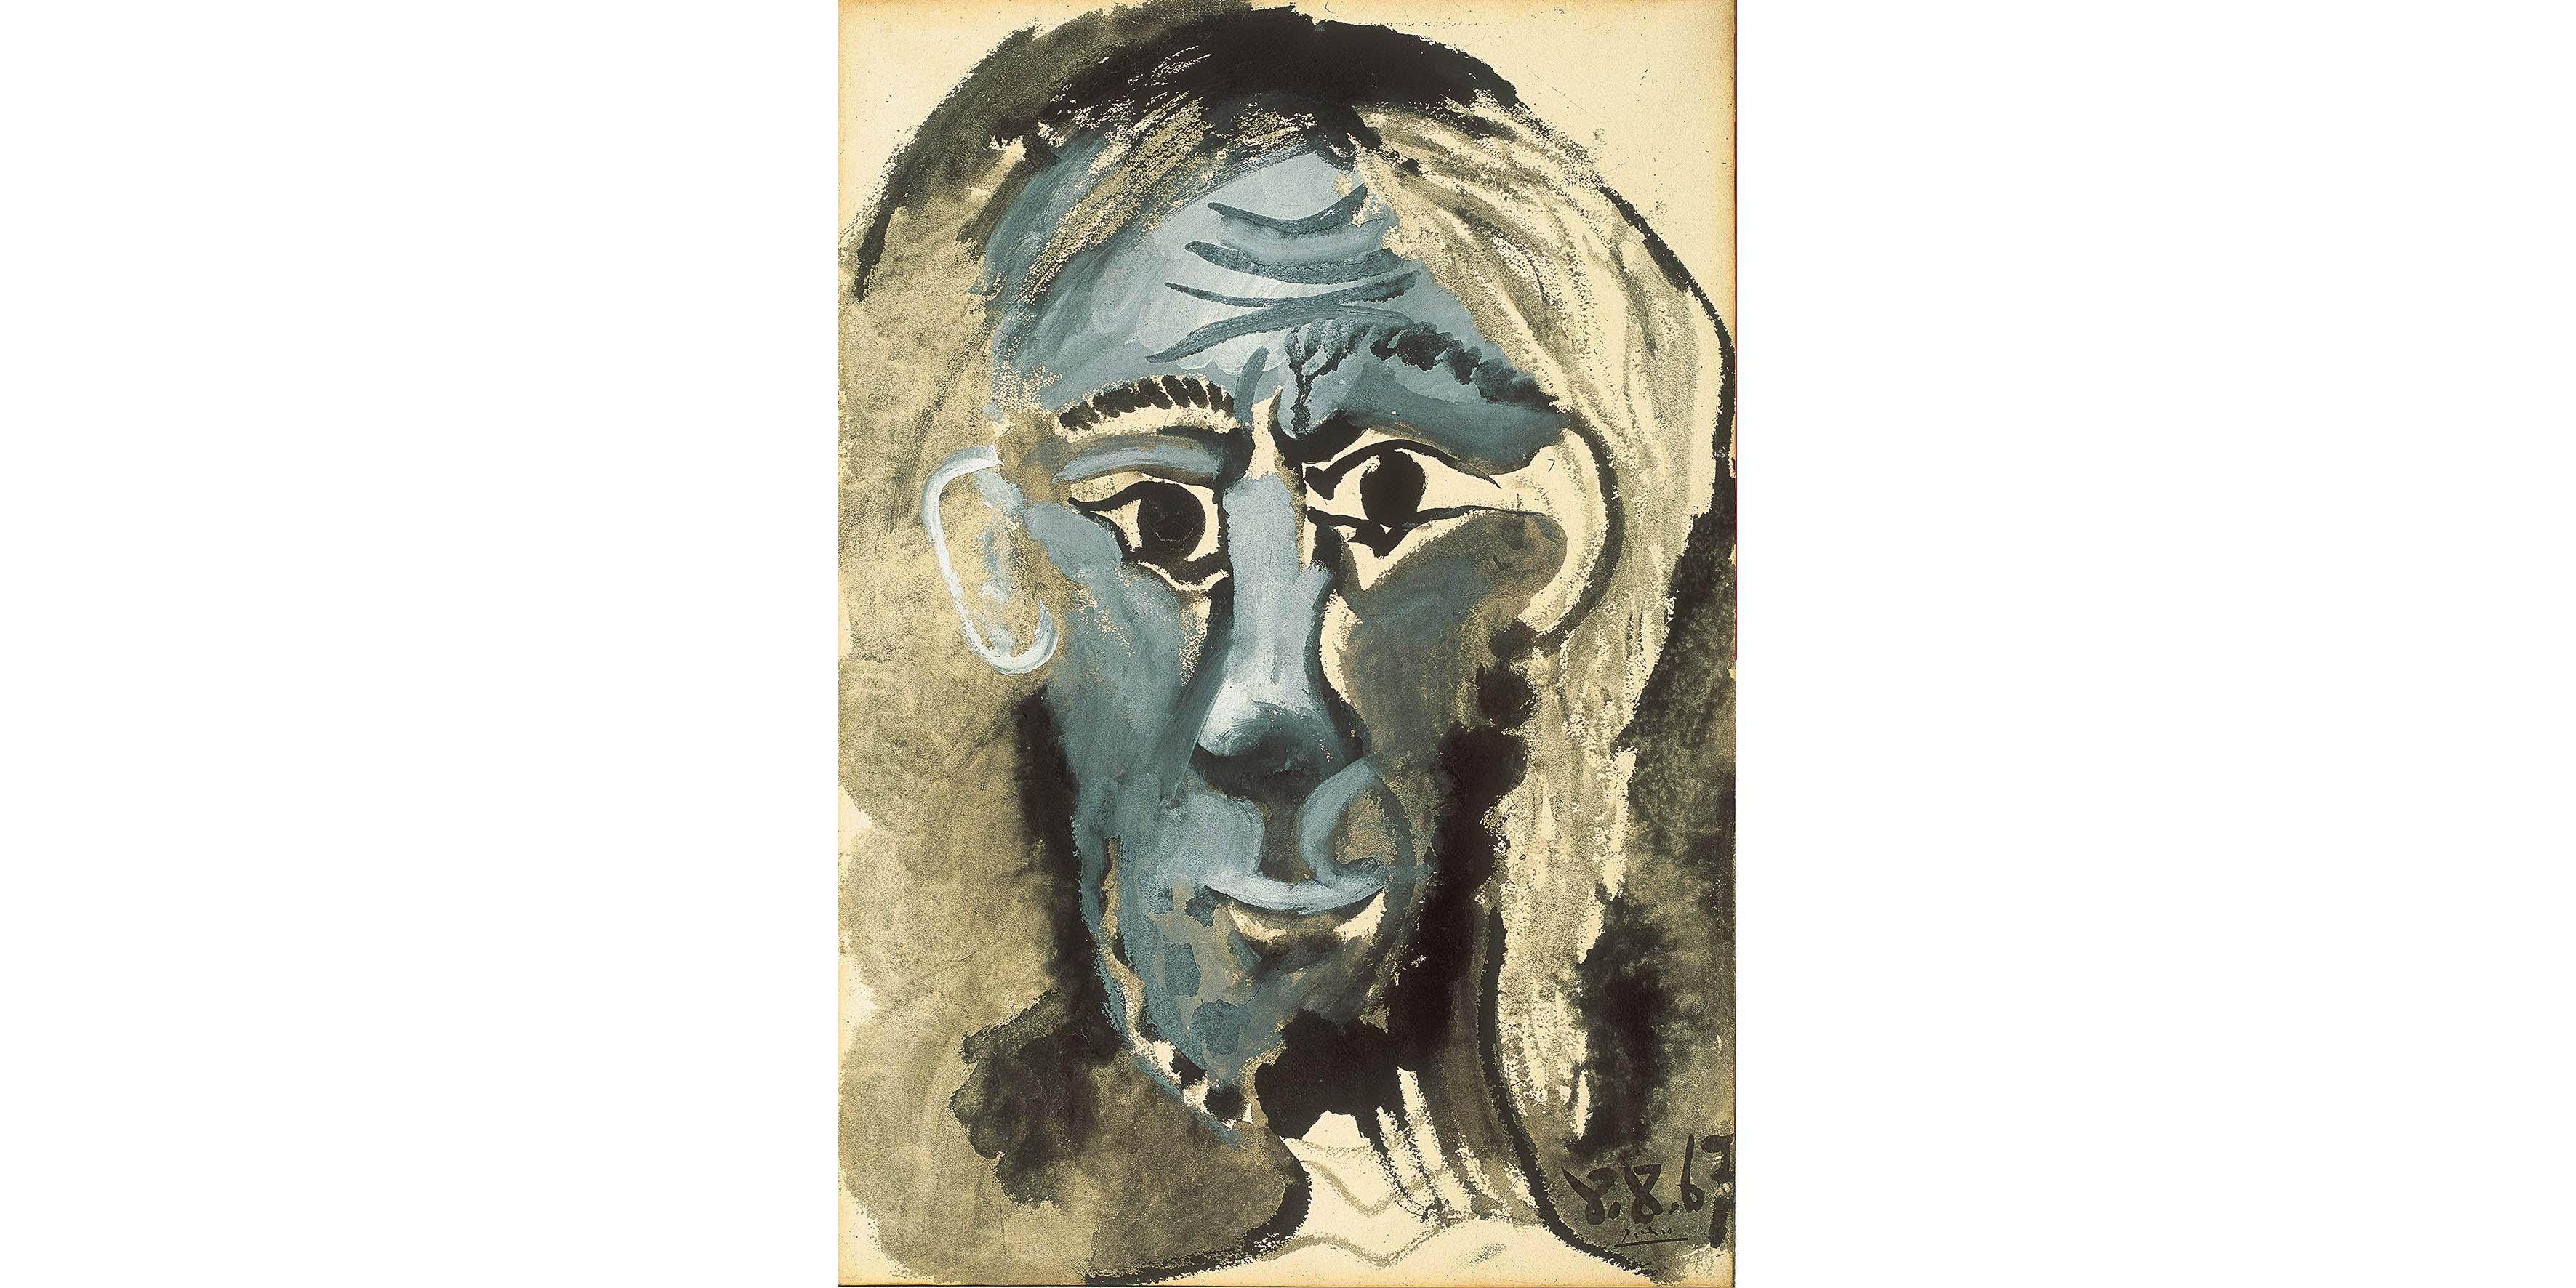 Dal 19 dicembre al 20 marzo – Le passioni di Picasso arrivano a Pavia